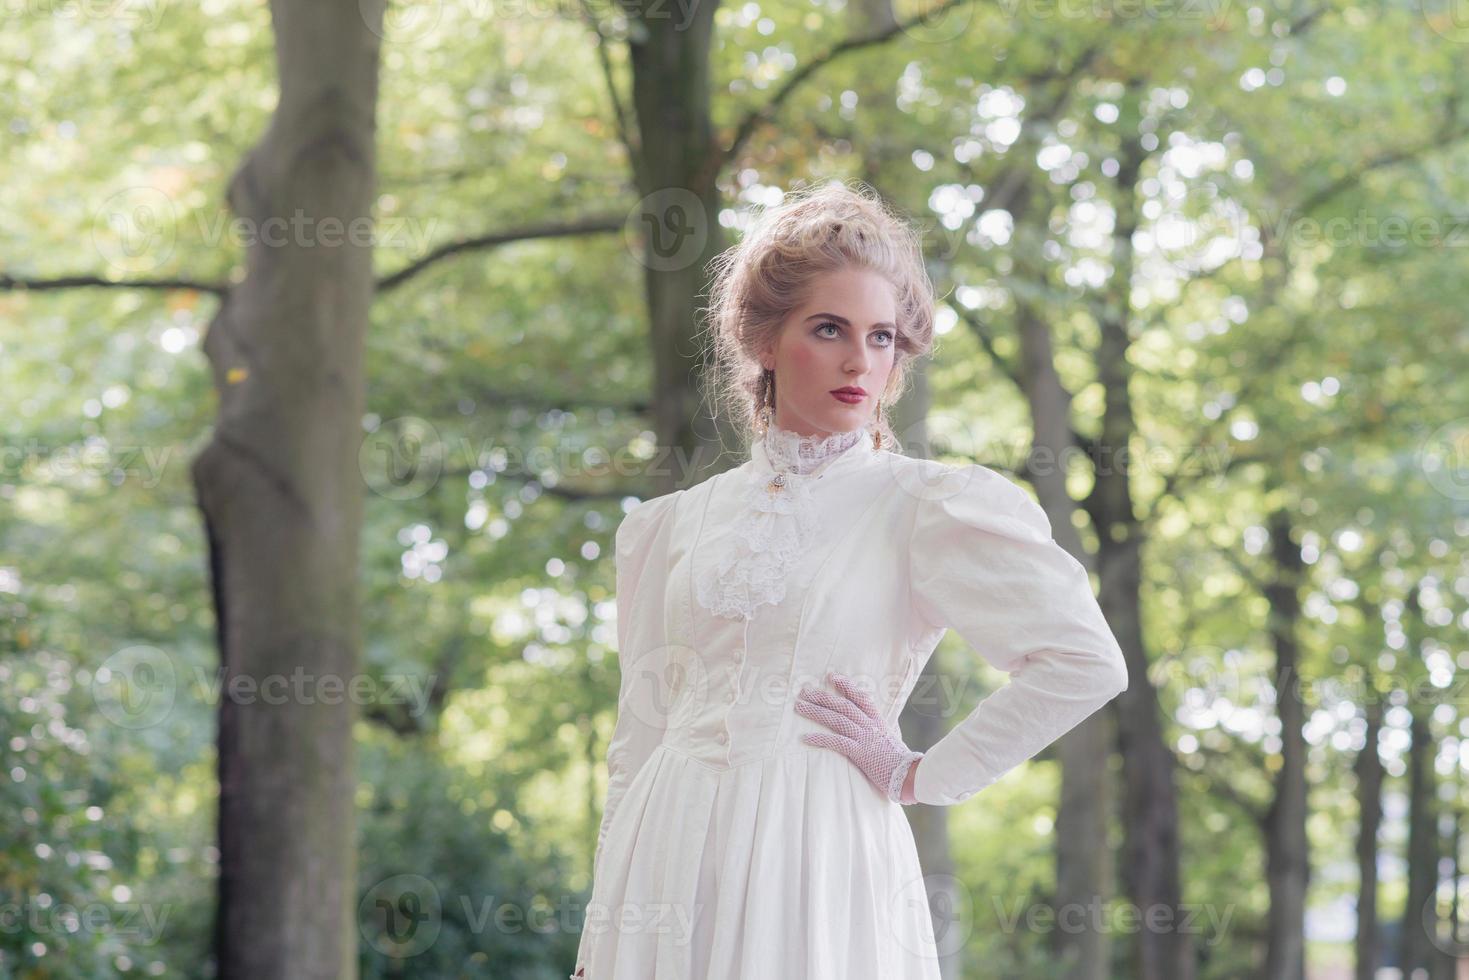 Retro mujer victoriana delante de la hilera de árboles. foto